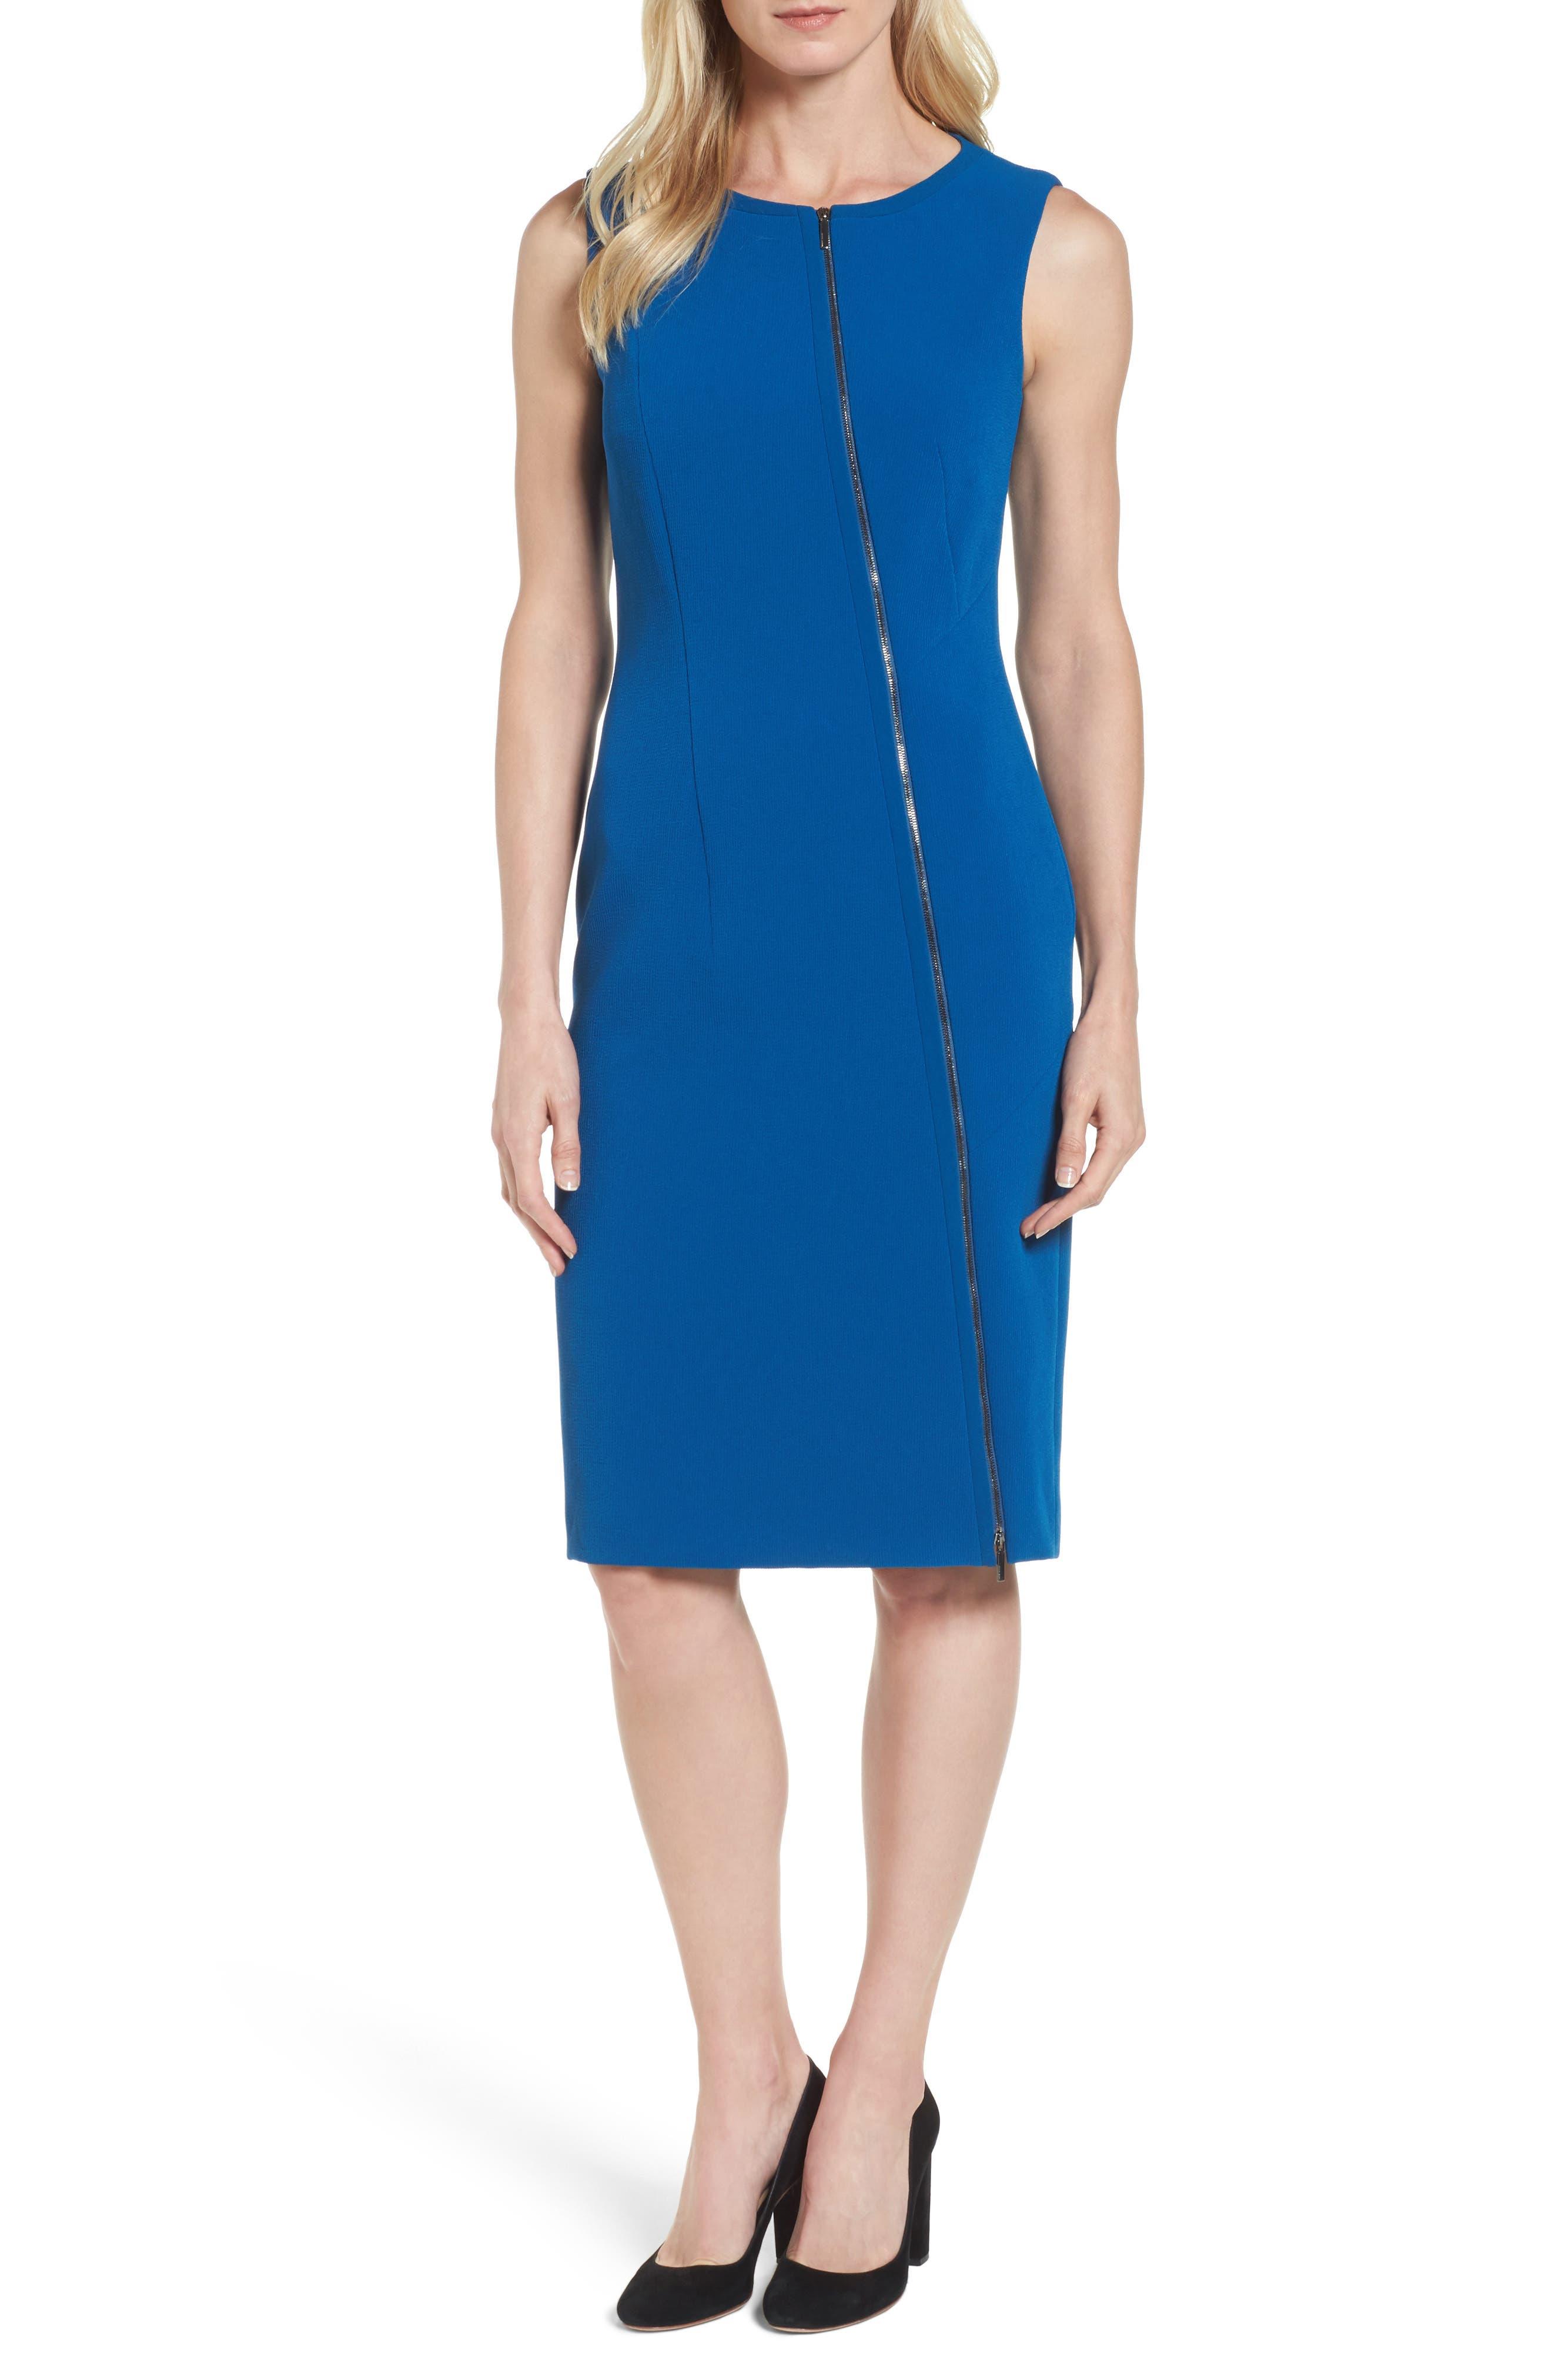 Danafea Zip Detail Sheath Dress,                         Main,                         color, 424